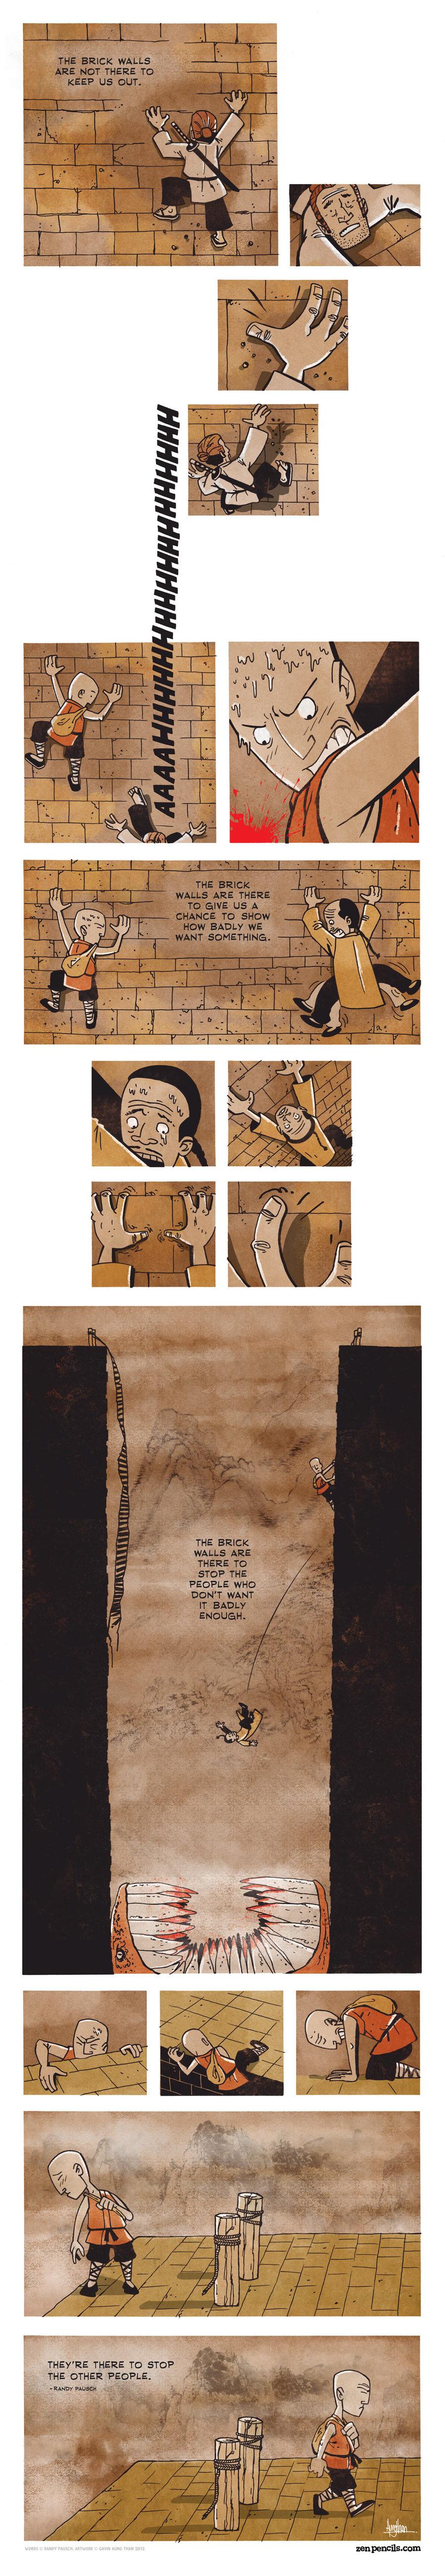 Zen Pencils for Jan 10, 2014 Comic Strip